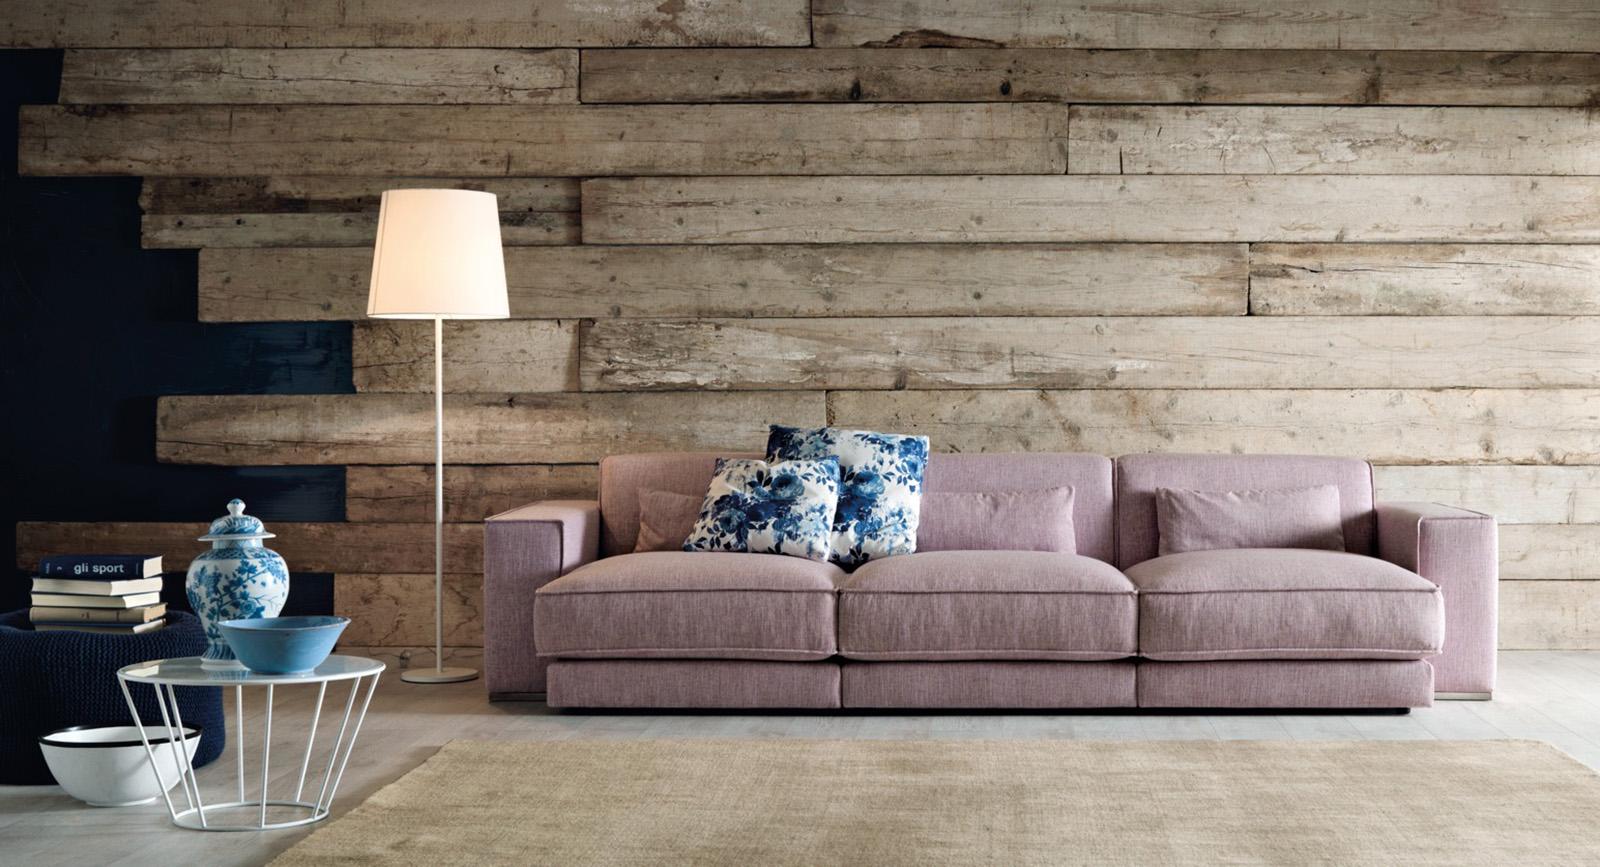 Come scegliere il divano giusto per il soggiorno casa di - Prodotti per pulire il divano in tessuto ...